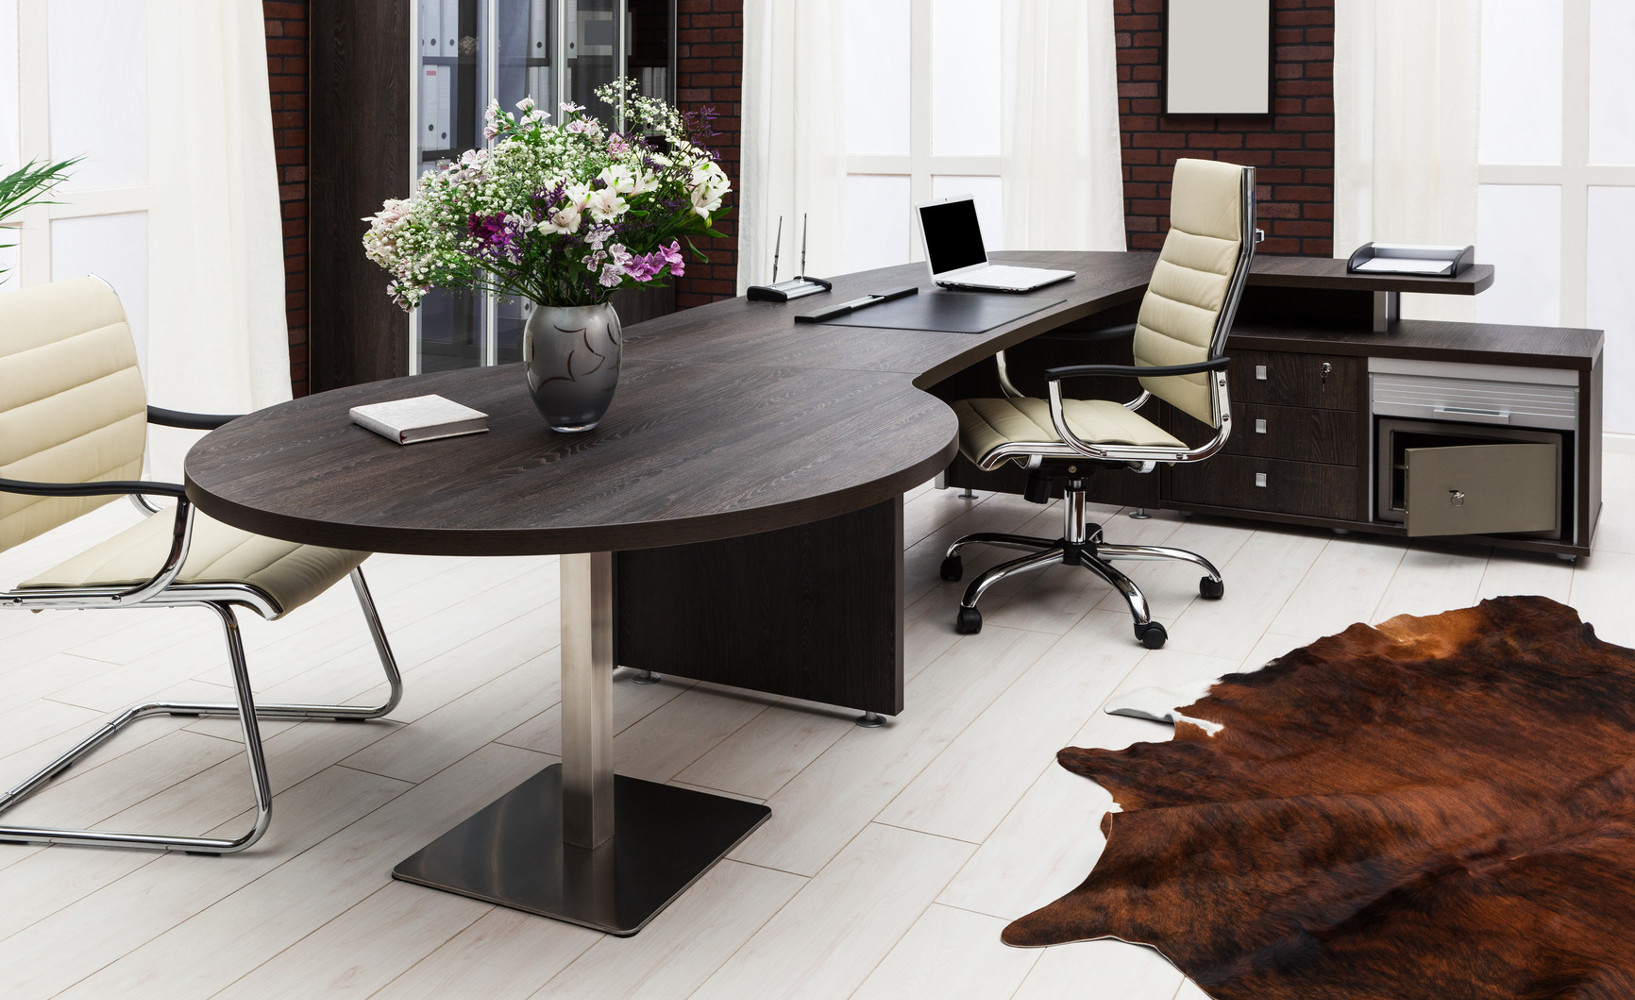 m beltresor empfehlungen und tipps. Black Bedroom Furniture Sets. Home Design Ideas